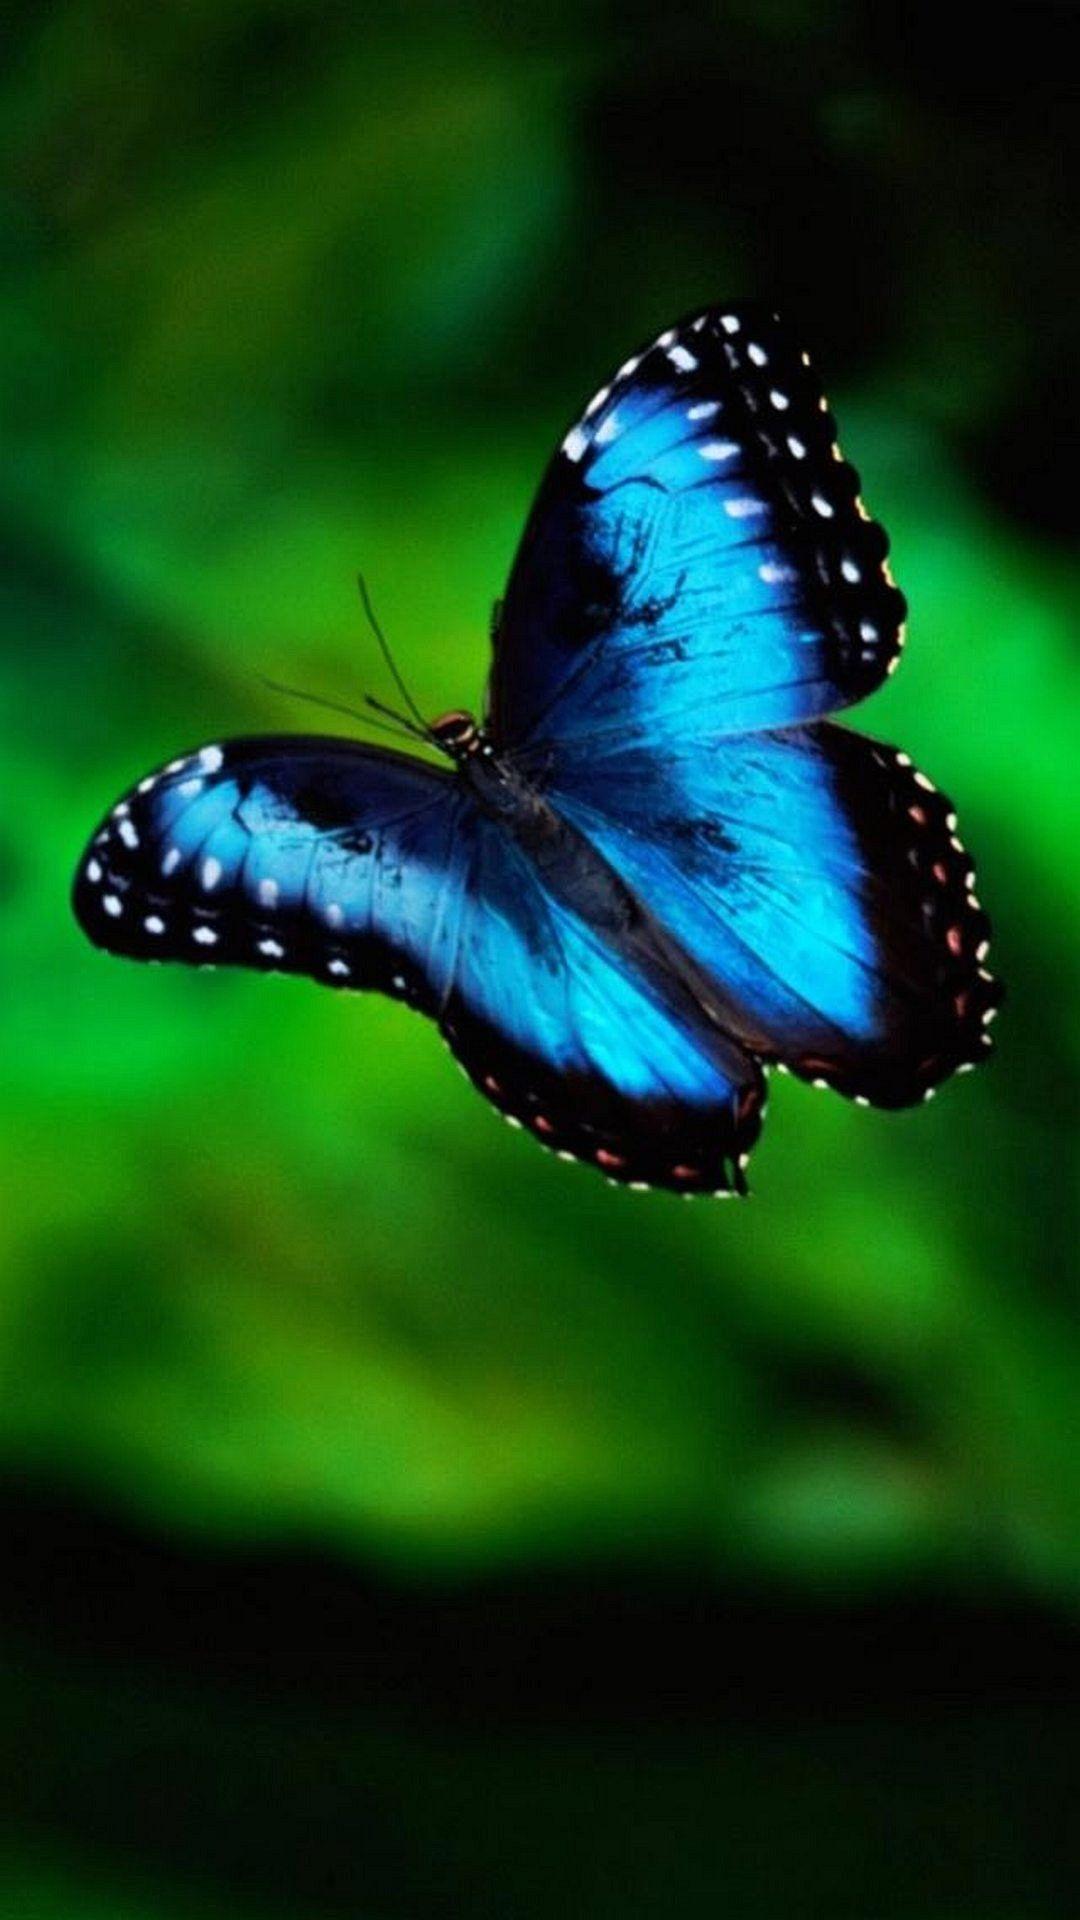 Blue Butterfly 4k Wallpaper - Wallpaper